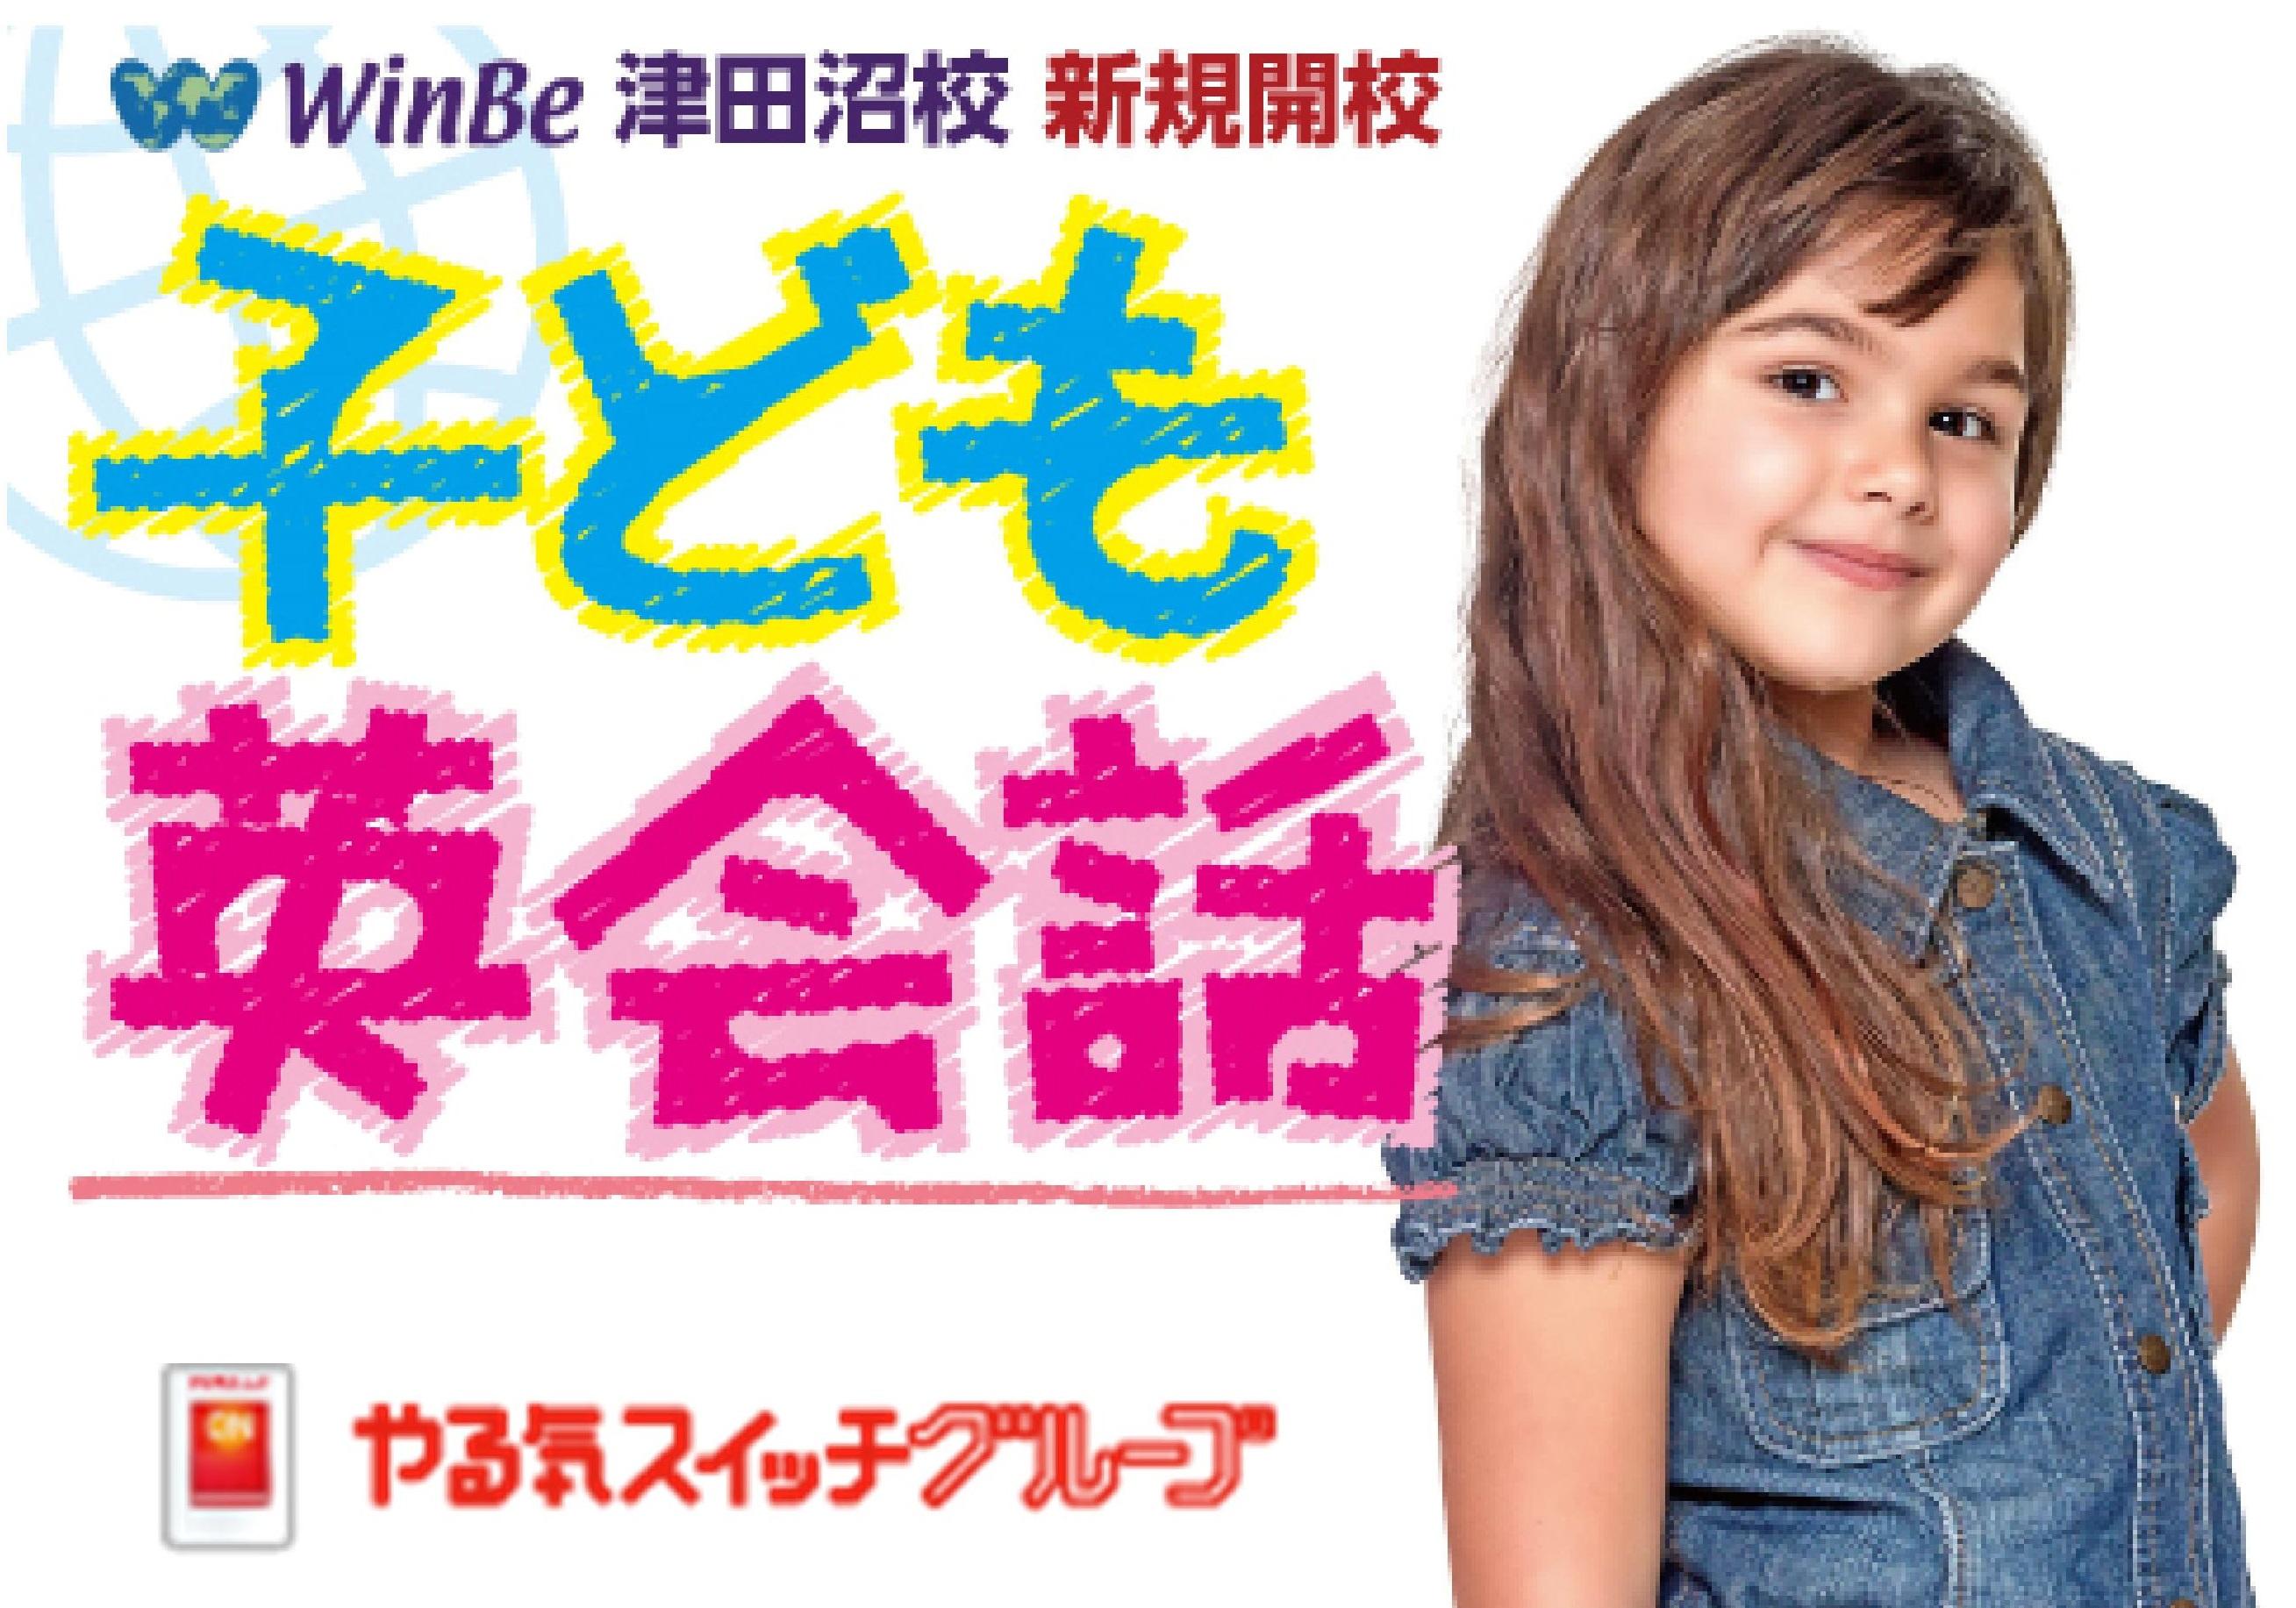 WinBe 津田沼校